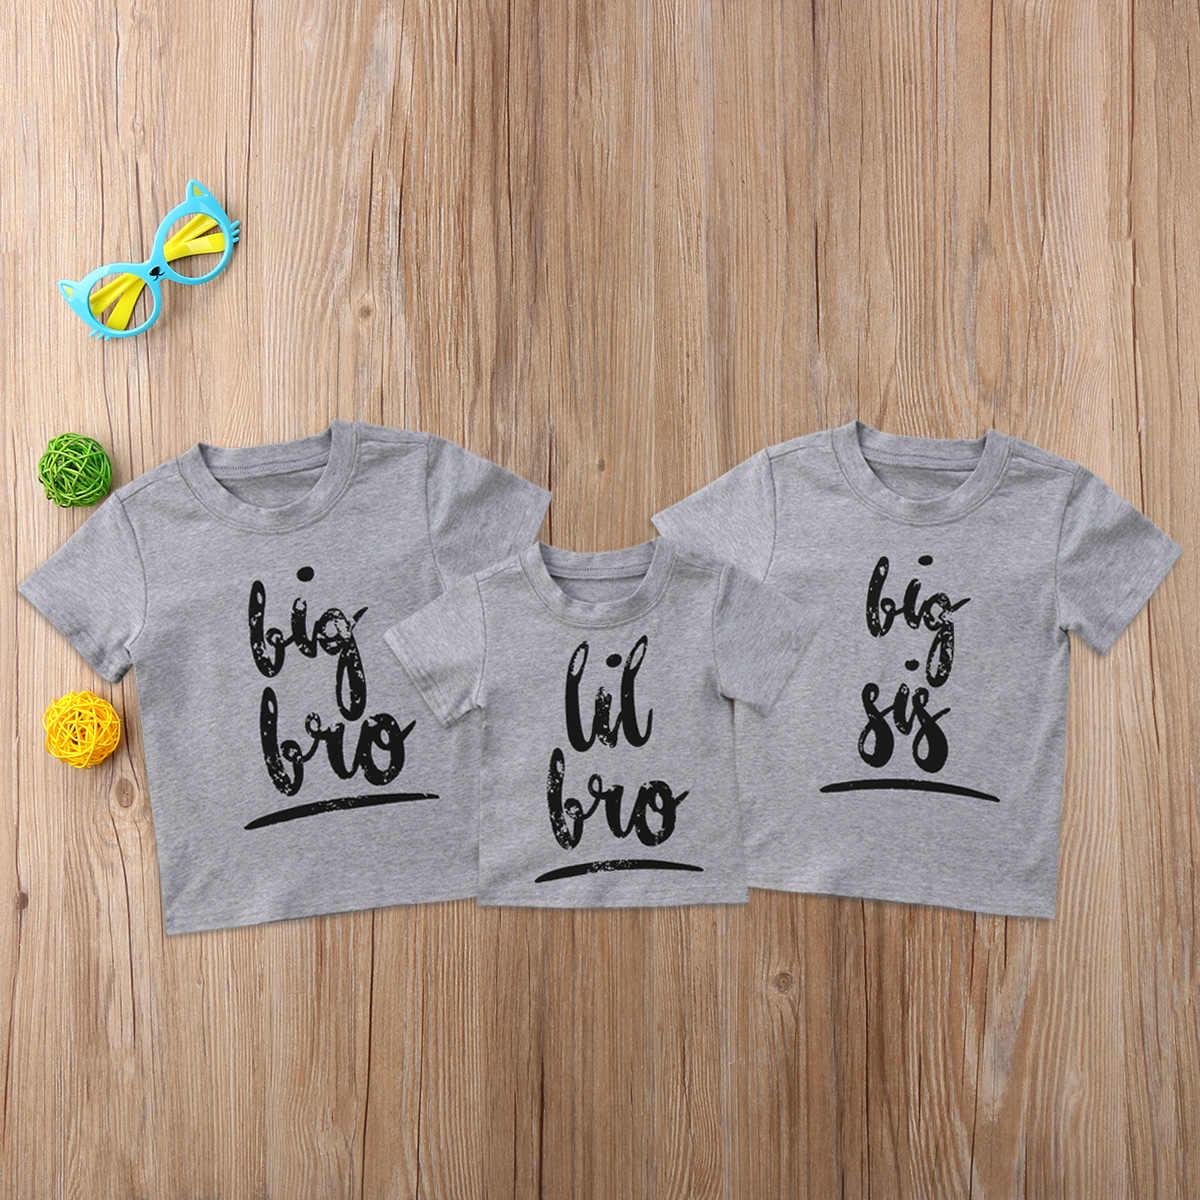 夏カジュアルリトルビッグ姉妹兄弟マッチングtシャツベビーキッズ男の子女の子綿トップスtシャツ服